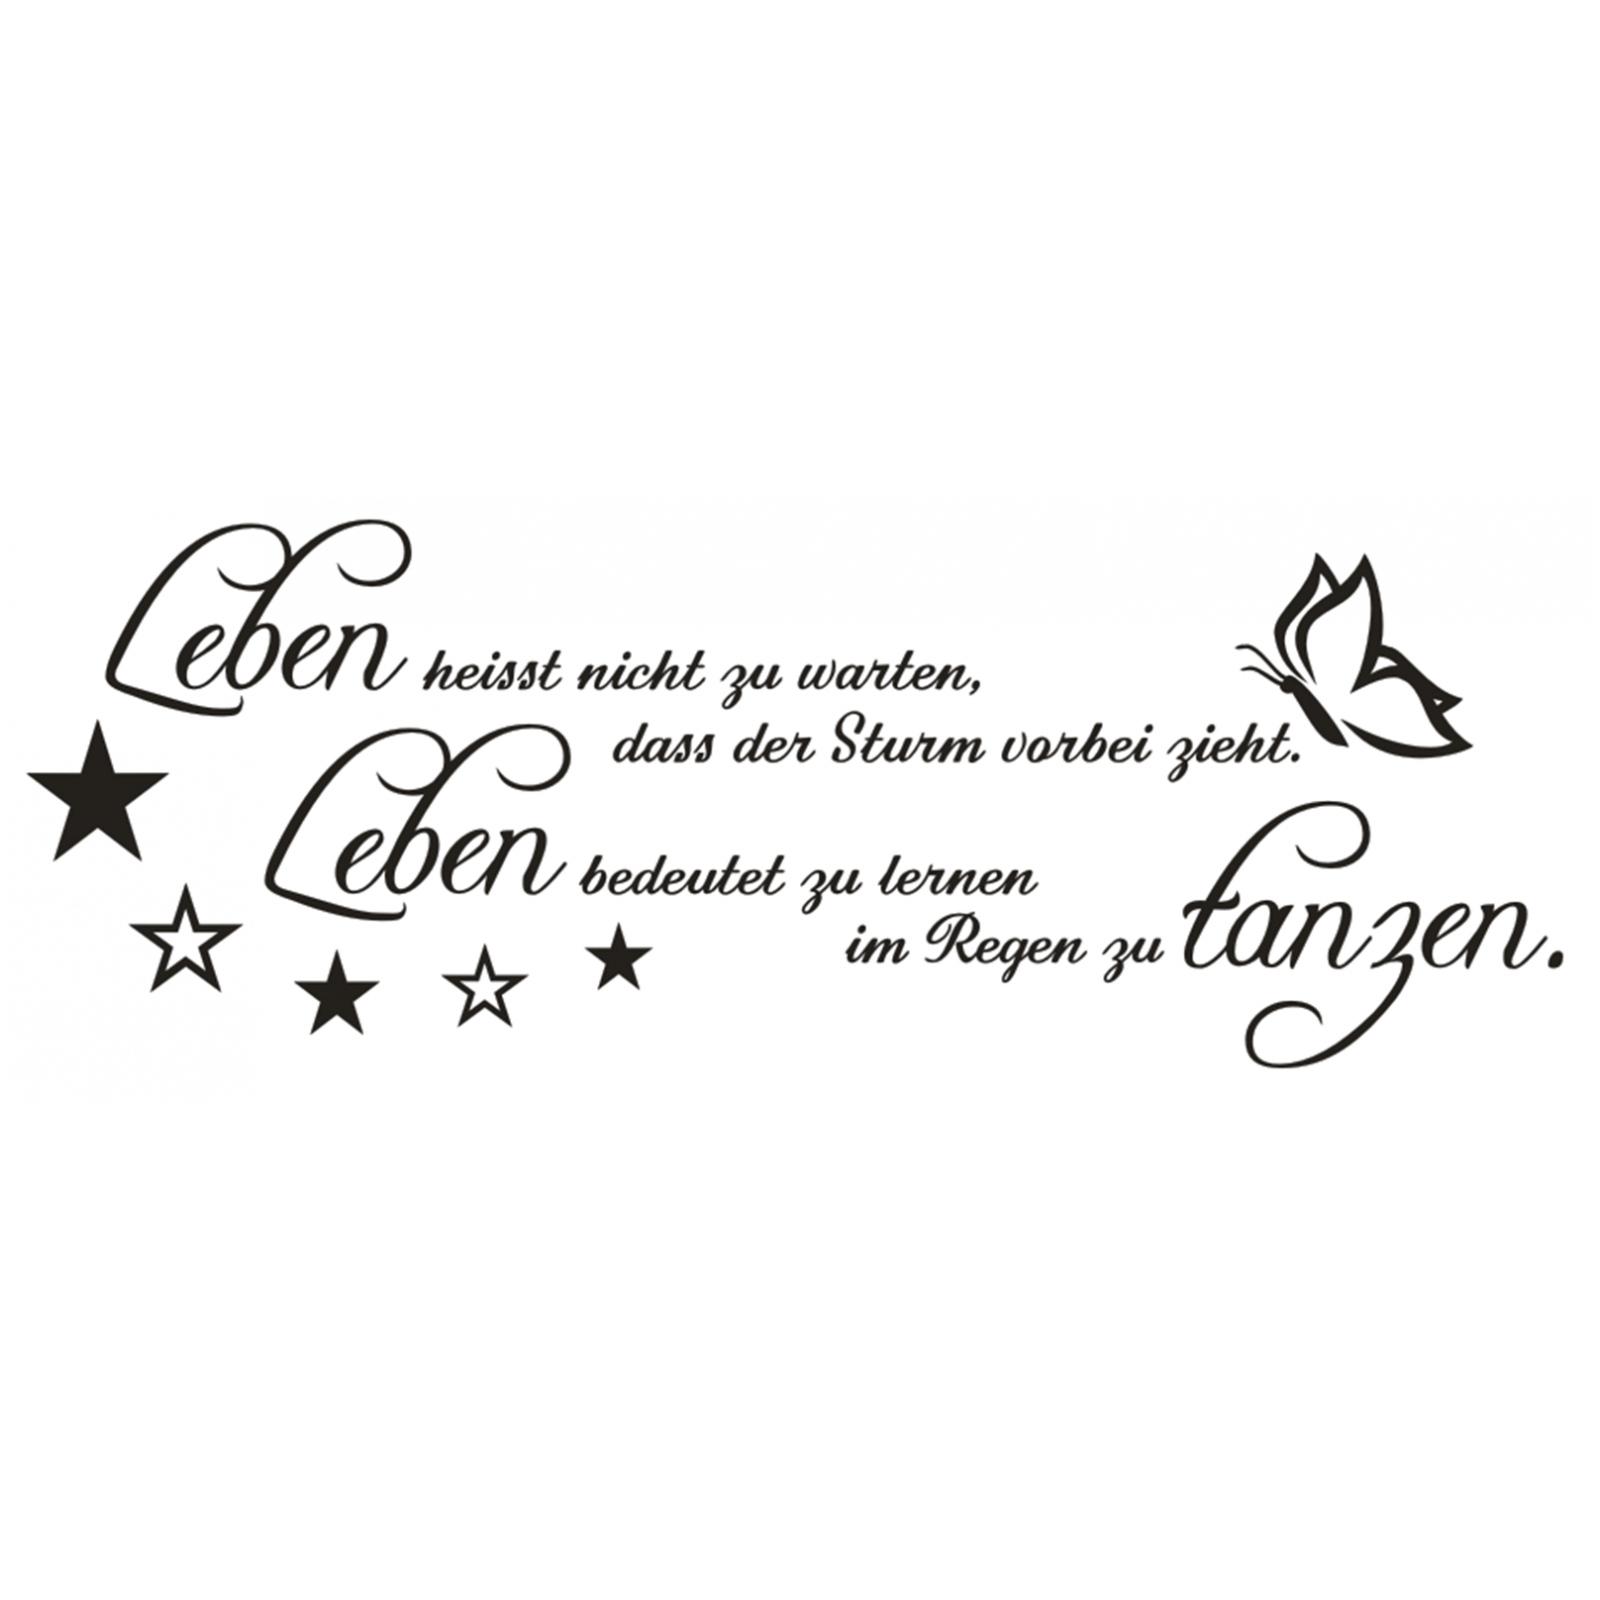 Wandtattoo-Spruch-Leben-Sturm-Regen-tanzen-Wandsticker-Wandaufkleber-Sticker-1 Indexbild 2